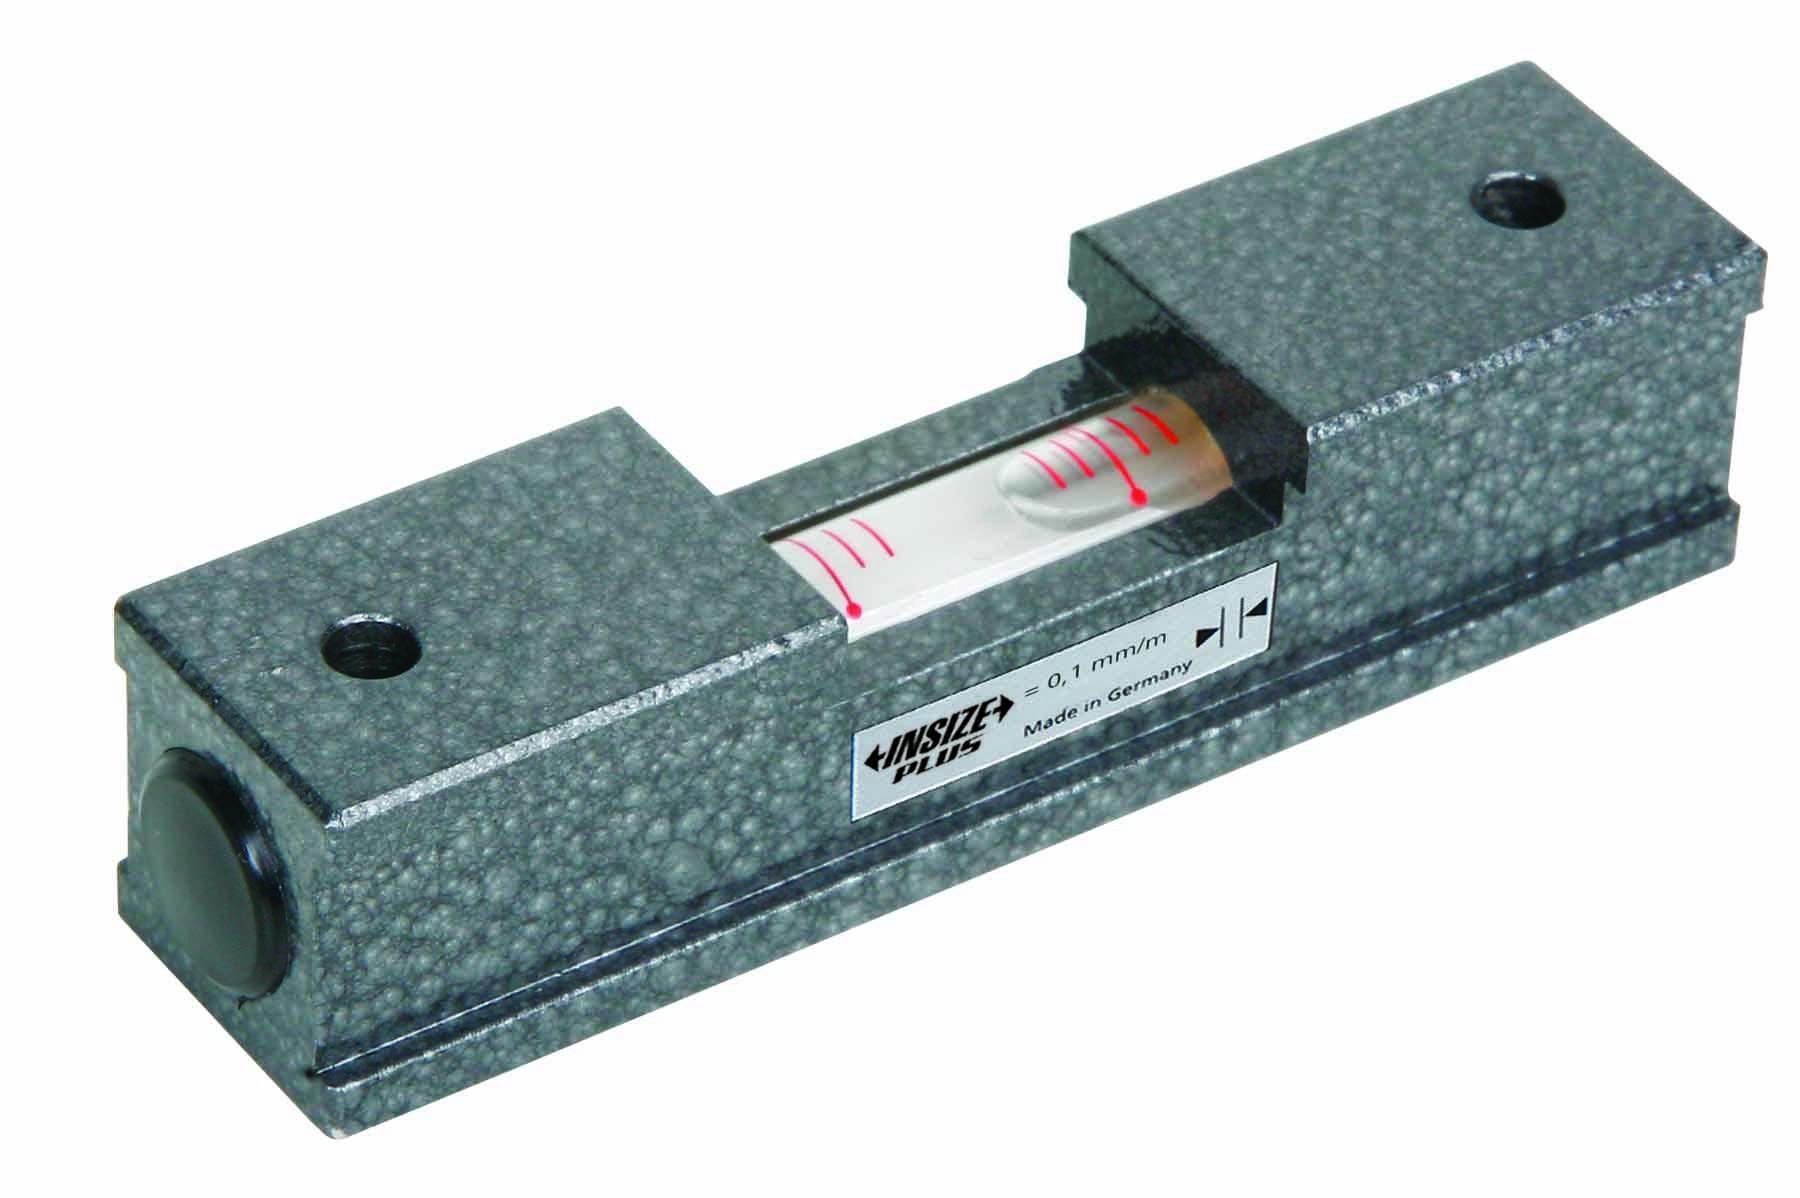 Vaga za niveliranje 100 mm, Insize